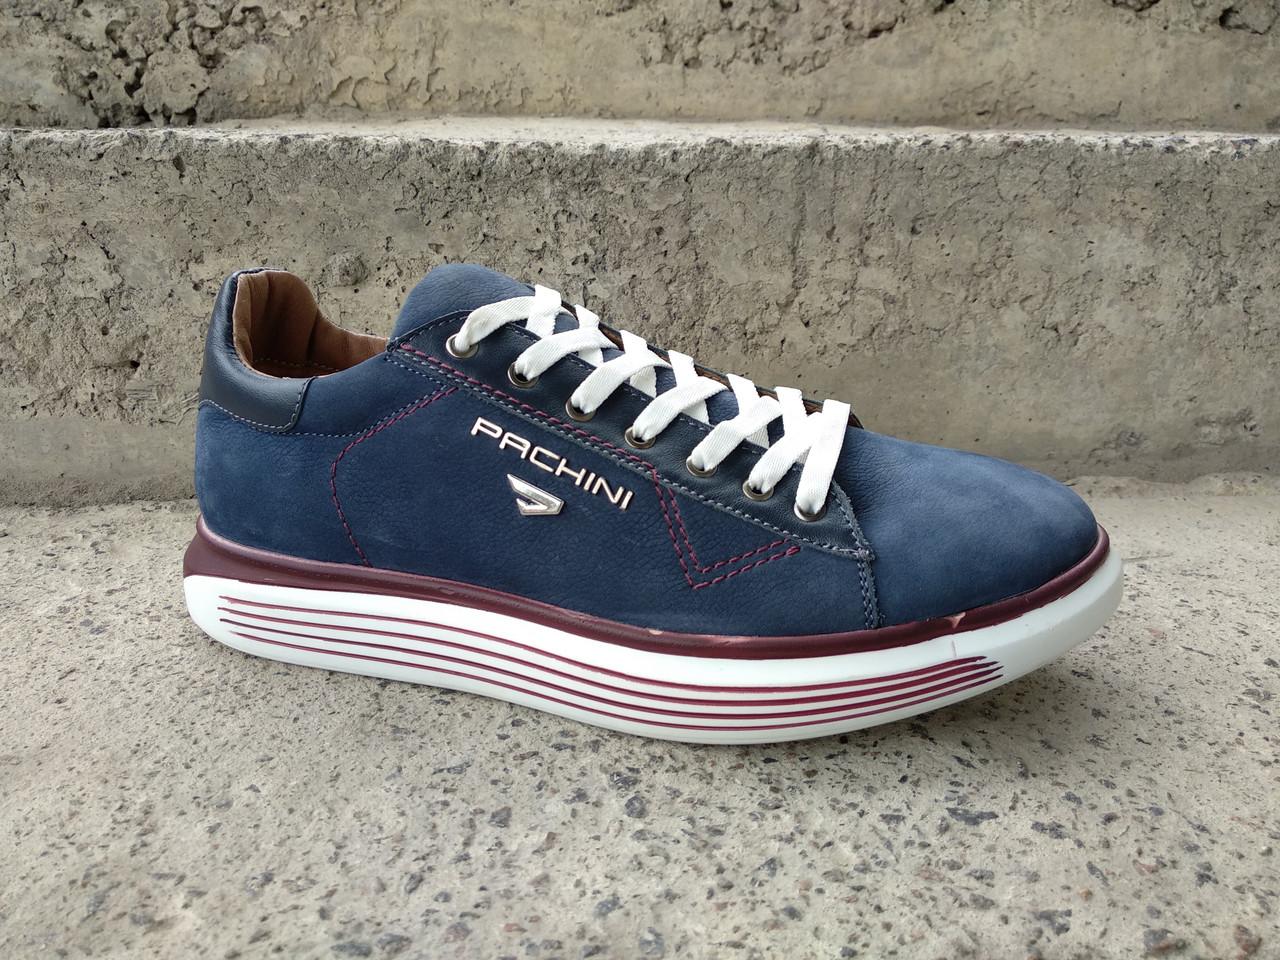 Спортивне взуття Carlo Pachini, стильные кроссовки. Купляй вже! Кількість обмежена!